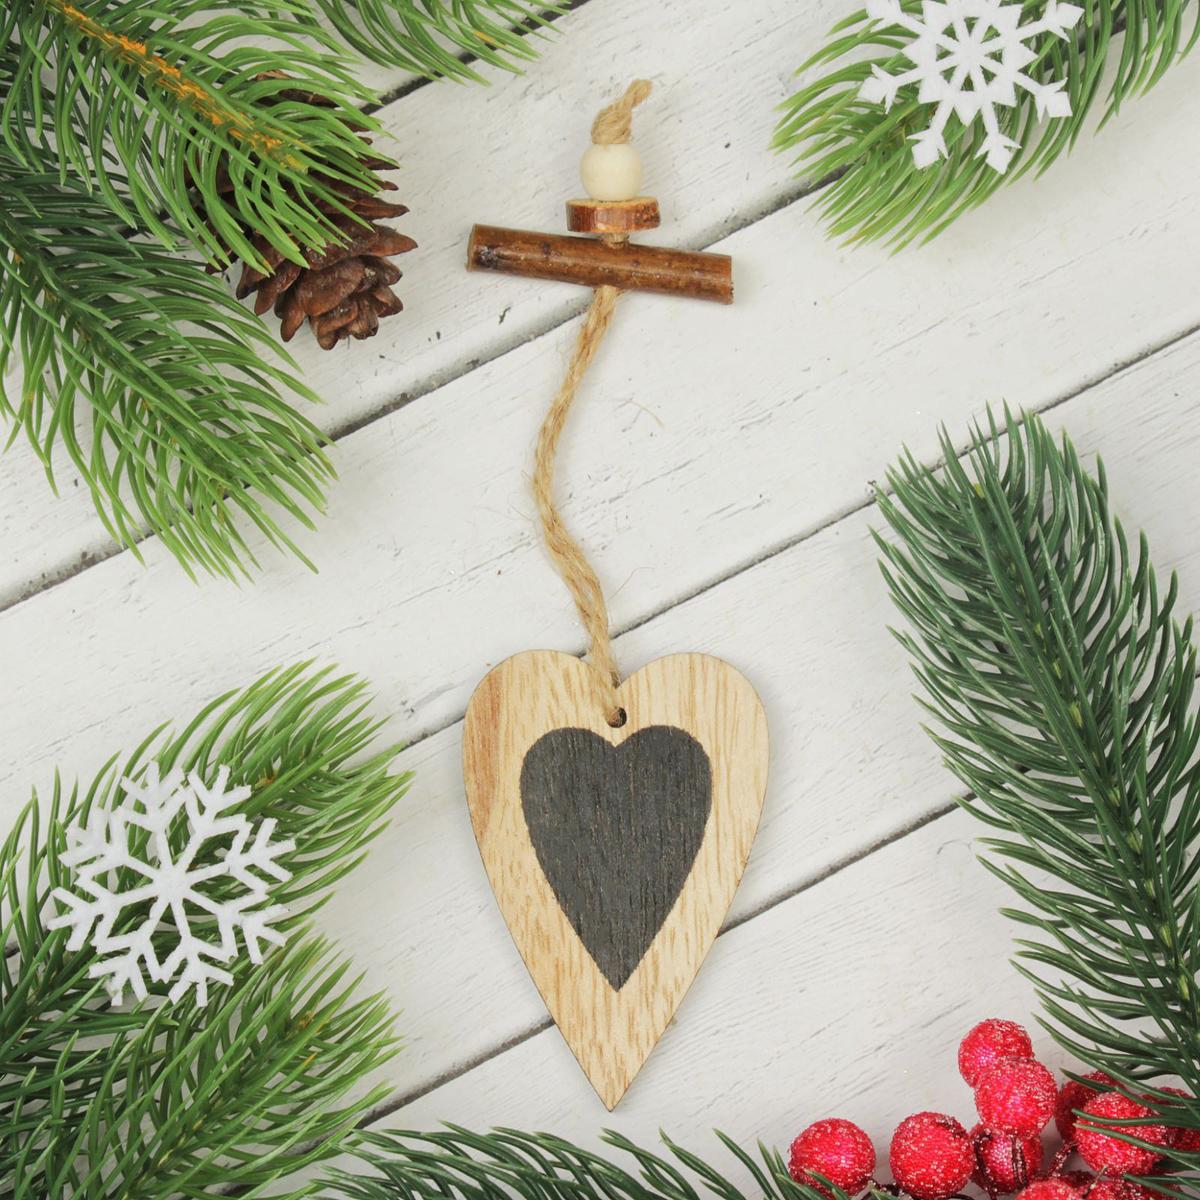 Подвеска новогодняя Сердце, 7 х 4,5 см2303243Новогодняя подвеска Сердце выполнена из дерева в виде сердца. Подвеску можно повесить на елку благодаря специальному шнурку. Невозможно представить нашу жизнь без праздников! Мы всегда ждем их и предвкушаем, обдумываем, как проведем памятный день, тщательно выбираем подарки и аксессуары, ведь именно они создают и поддерживают торжественный настрой. Это отличный выбор, который привнесет атмосферу праздника в ваш дом!